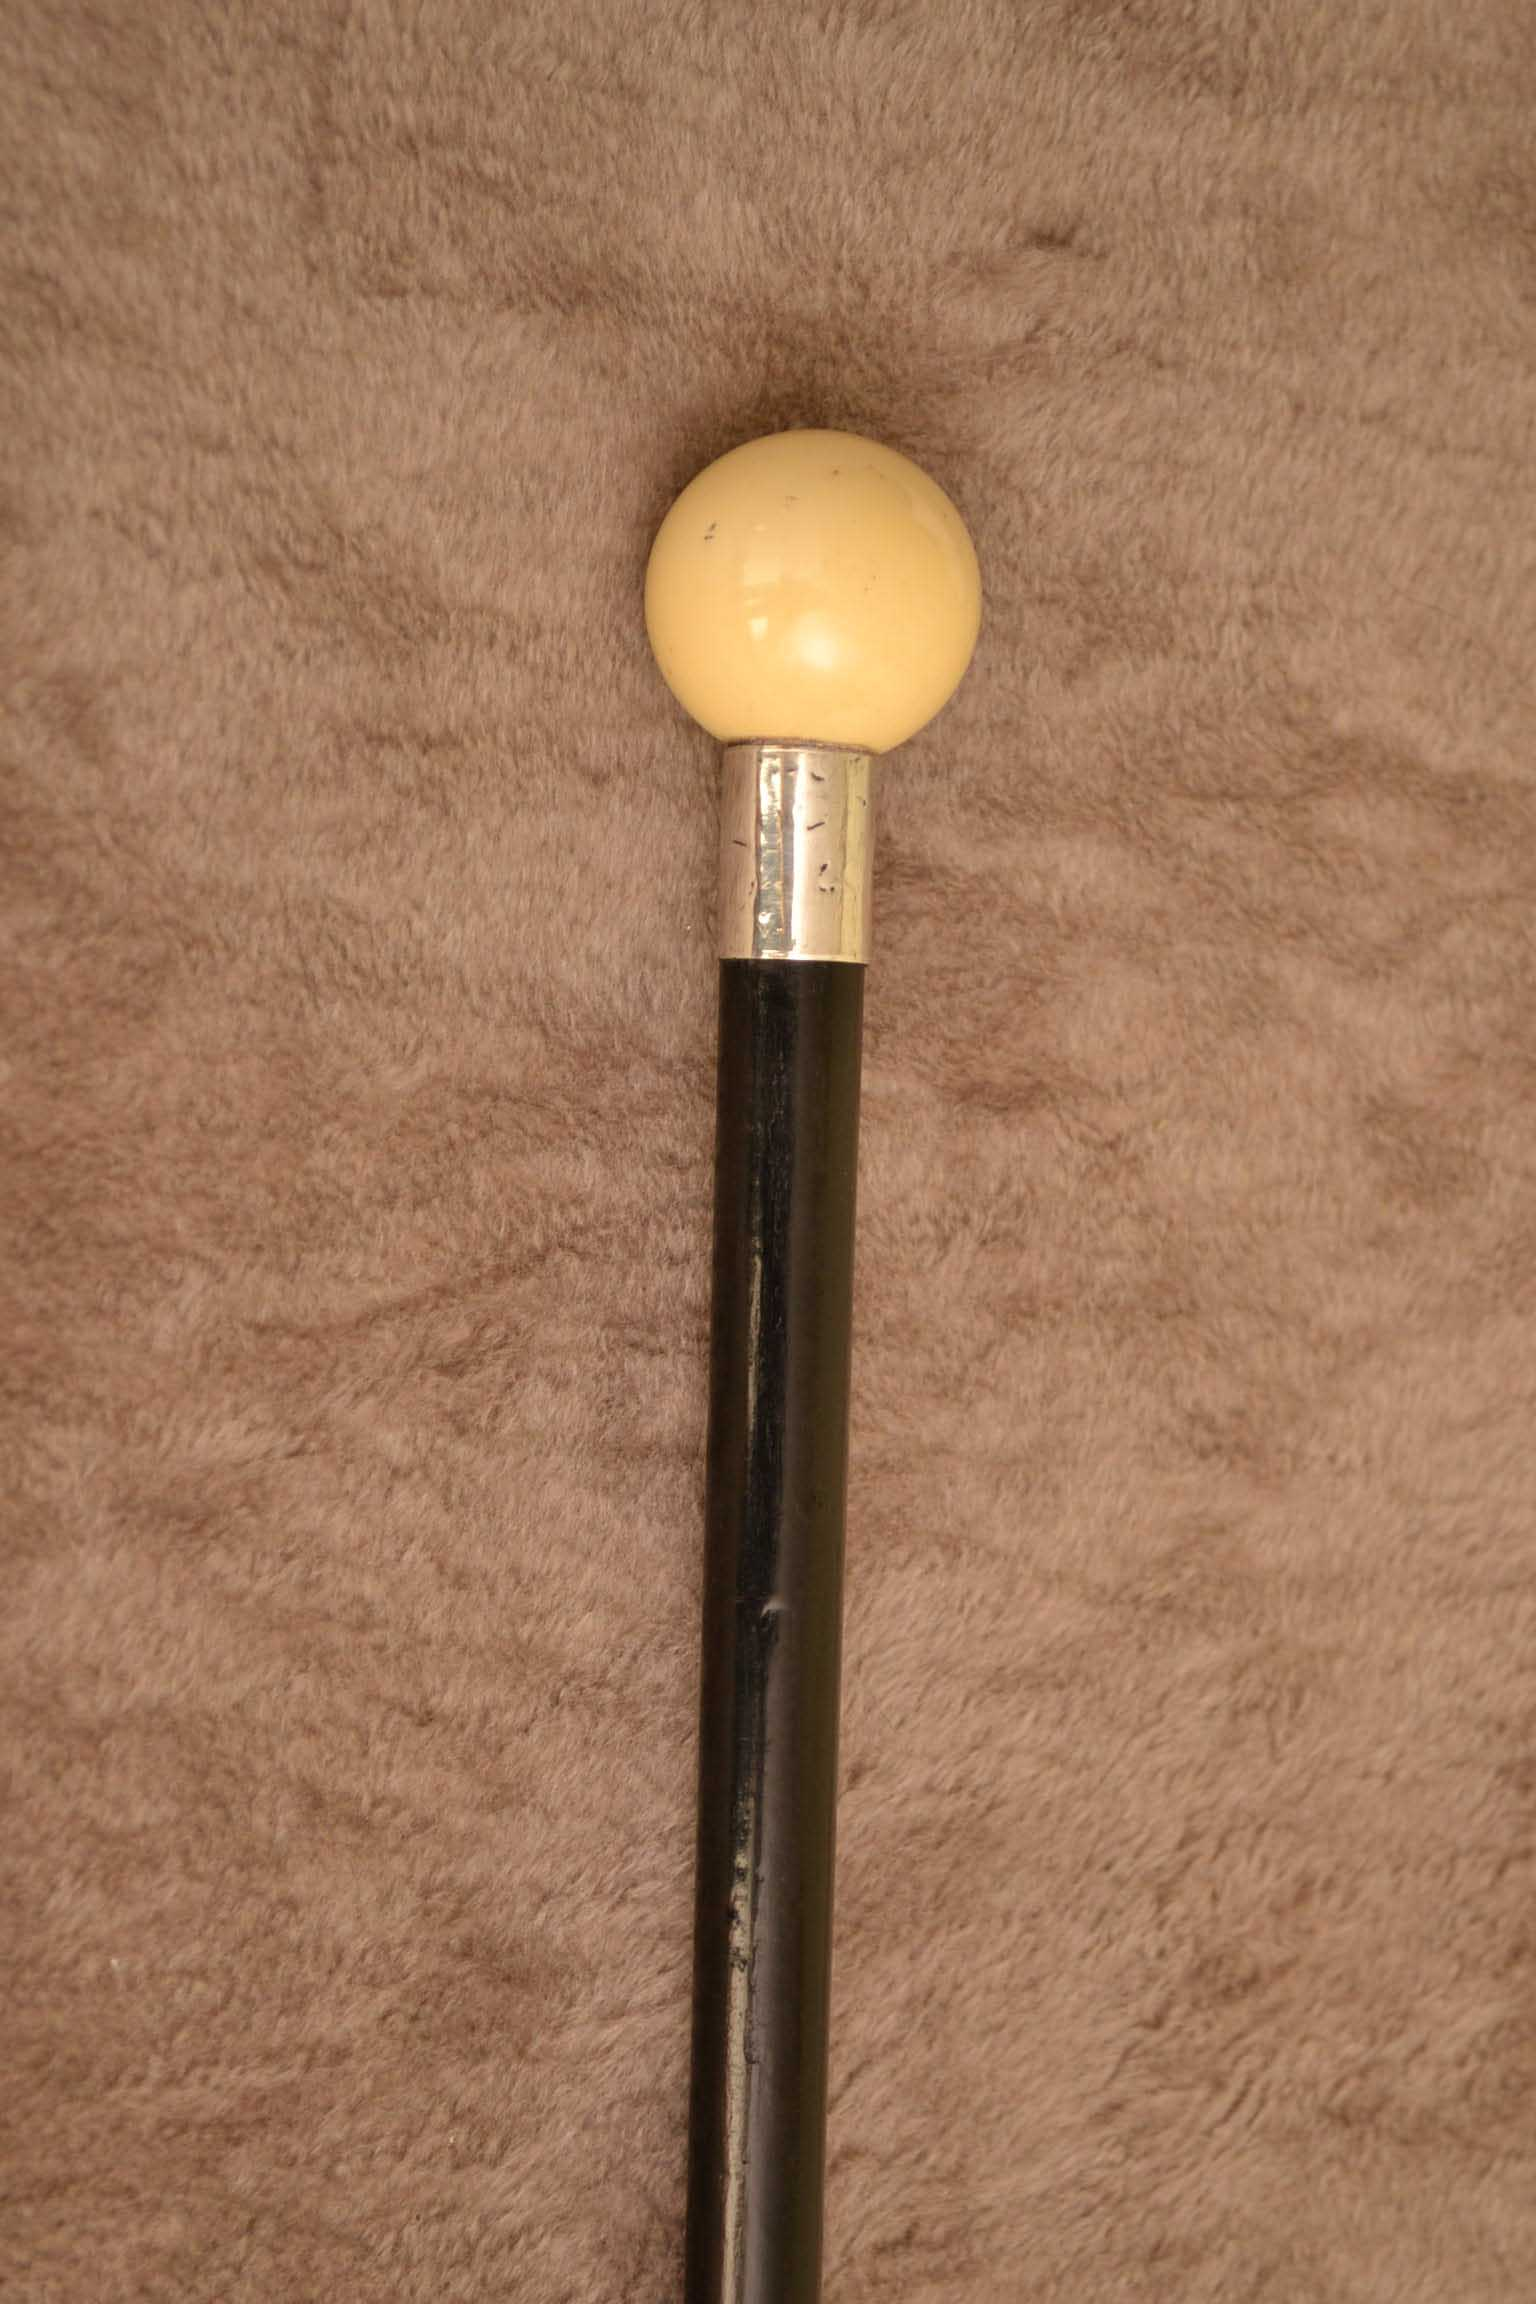 03861 Antique walking stick cane silver Birmingham 1899 3 : 03861 Antique Walking Stick Cane Silver Birmingham 1899 3 from www.regentantiques.com size 1536 x 2304 jpeg 206kB